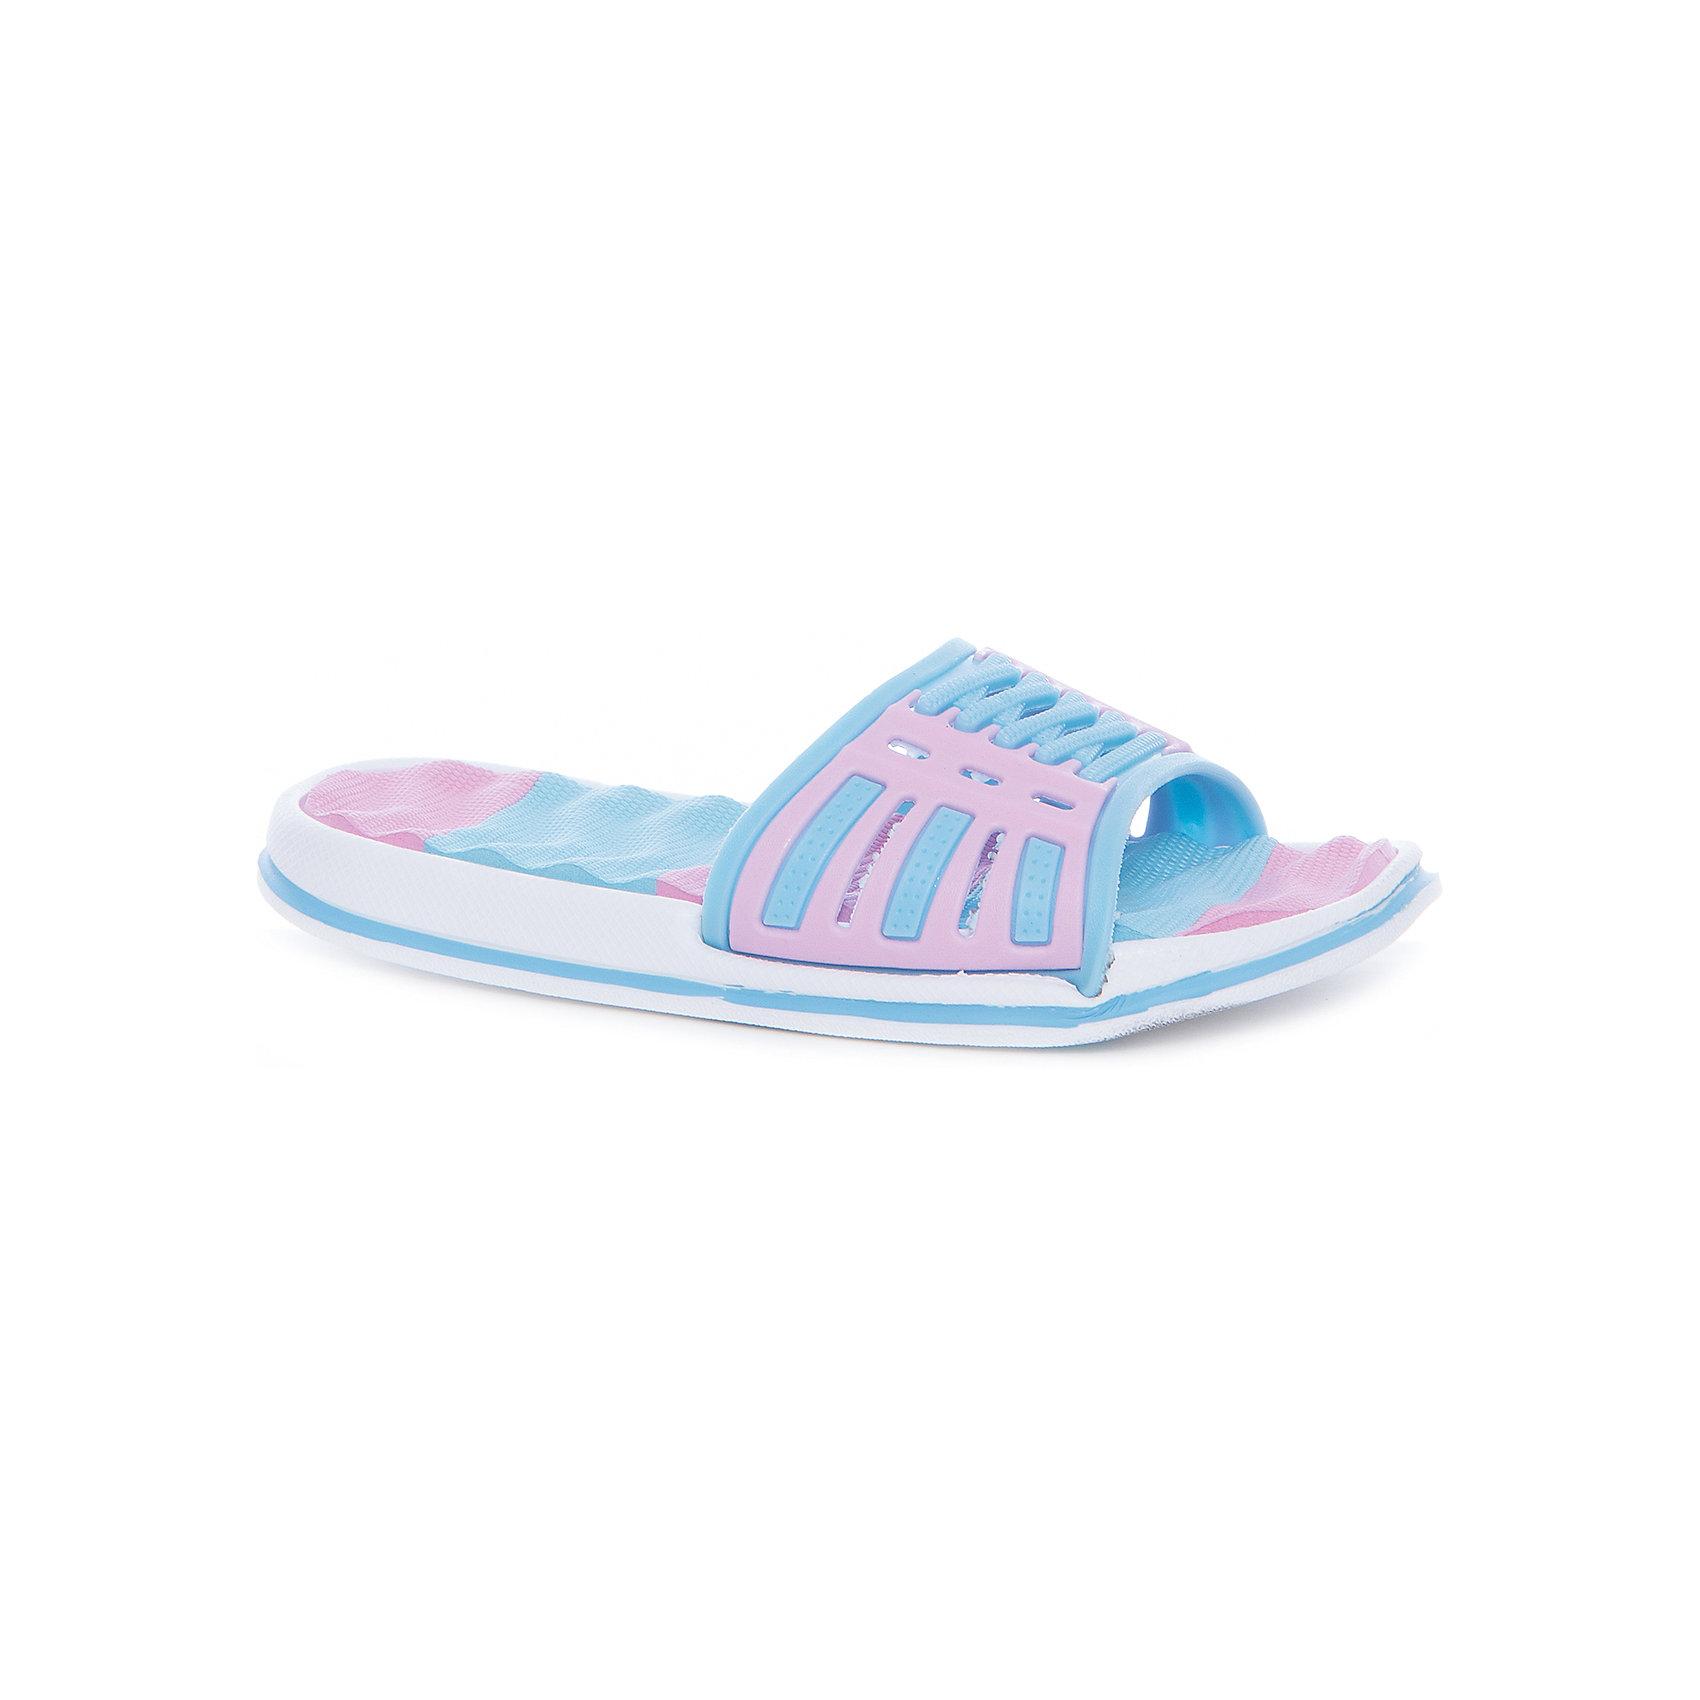 Шлепанцы для девочки MURSUПляжная обувь<br>Характеристики товара:<br><br>• цвет: голубой/розовый<br>• внешний материал: ПВХ<br>• внутренний материал: ПВХ<br>• стелька: ЭВА<br>• подошва: ЭВА<br>• облегчённая модель<br>• подходит для пляжа <br>• подходит для занятий в бассейне<br>• отверстия для вентиляции<br>• устойчивая подошва<br>• страна бренда: Финляндия<br>• страна изготовитель: Китай<br><br>Детям для правильного развития стопы и всего организма необходима качественная обувь. Эта удобная пляжная обувь поможет создать ногам ребенка комфортные условия, благодаря продуманной конструкции она отлично сидит на ноге. Это отличный вариант правильной и красивой детской обуви!<br><br>Шлёпанцы от финского бренда MURSU (МУРСУ) можно купить в нашем интернет-магазине.<br><br>Ширина мм: 248<br>Глубина мм: 135<br>Высота мм: 147<br>Вес г: 256<br>Цвет: розовый/голубой<br>Возраст от месяцев: 84<br>Возраст до месяцев: 96<br>Пол: Женский<br>Возраст: Детский<br>Размер: 31,32,33,34,35,30<br>SKU: 5326149